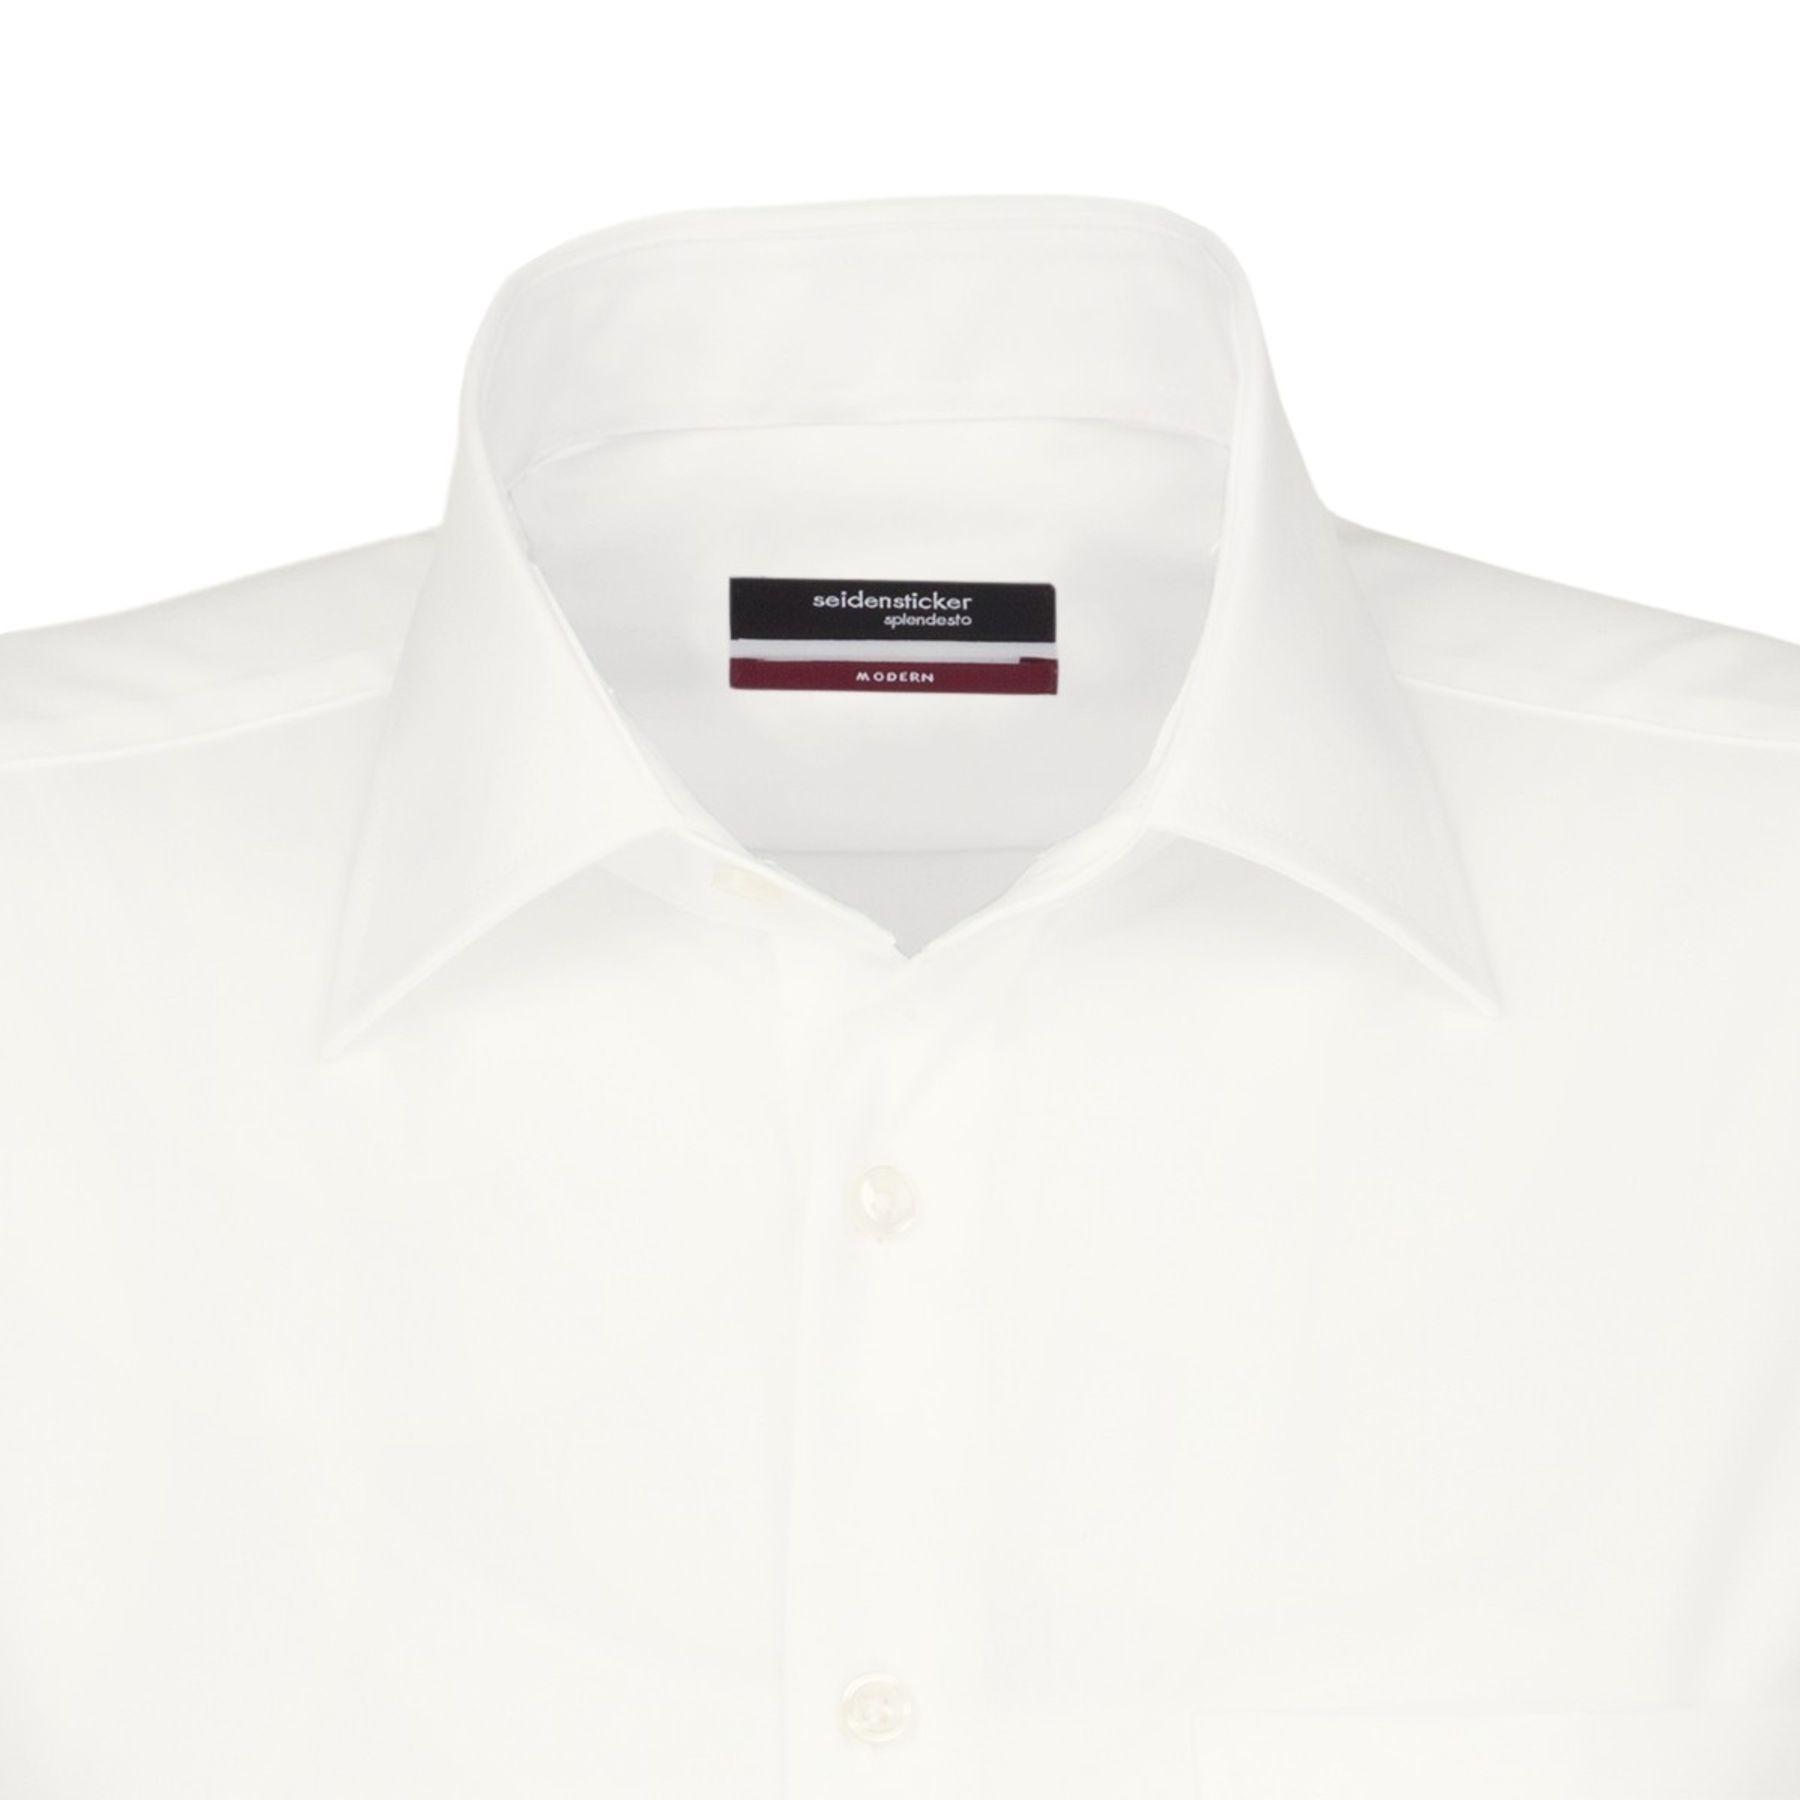 Seidensticker - Herren Hemd, Bügelfrei, Modern, Schwarze Rose mit Kent Kragen in Blau, Weiß und Ecru (01.001007) – Bild 9